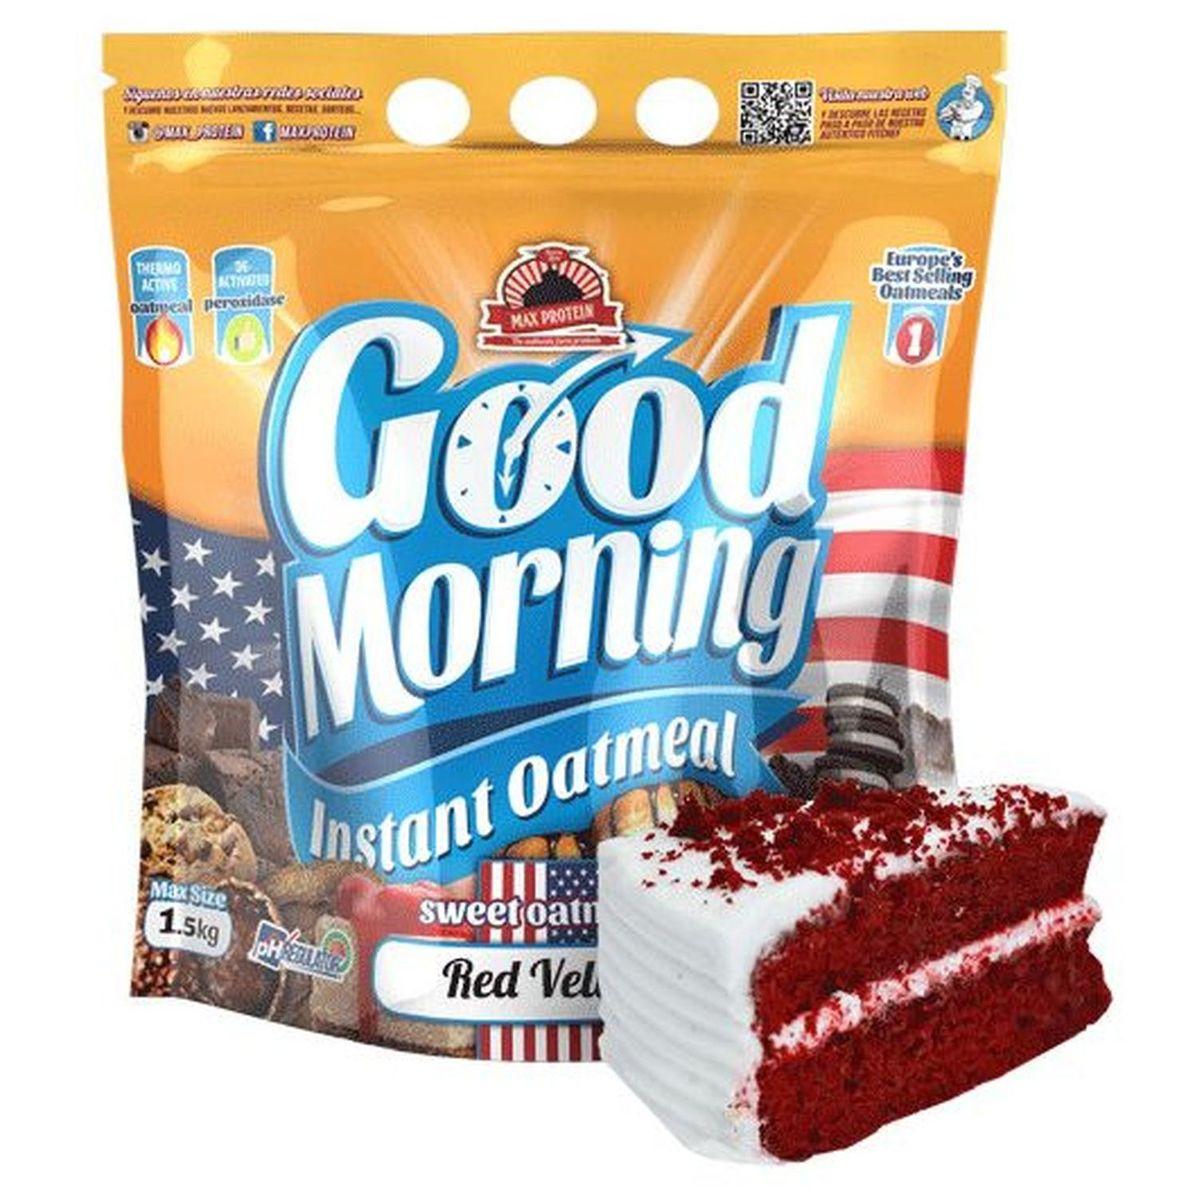 Harina de Avena - Red Velvet - Good Morning Max Protein - 1,5kg